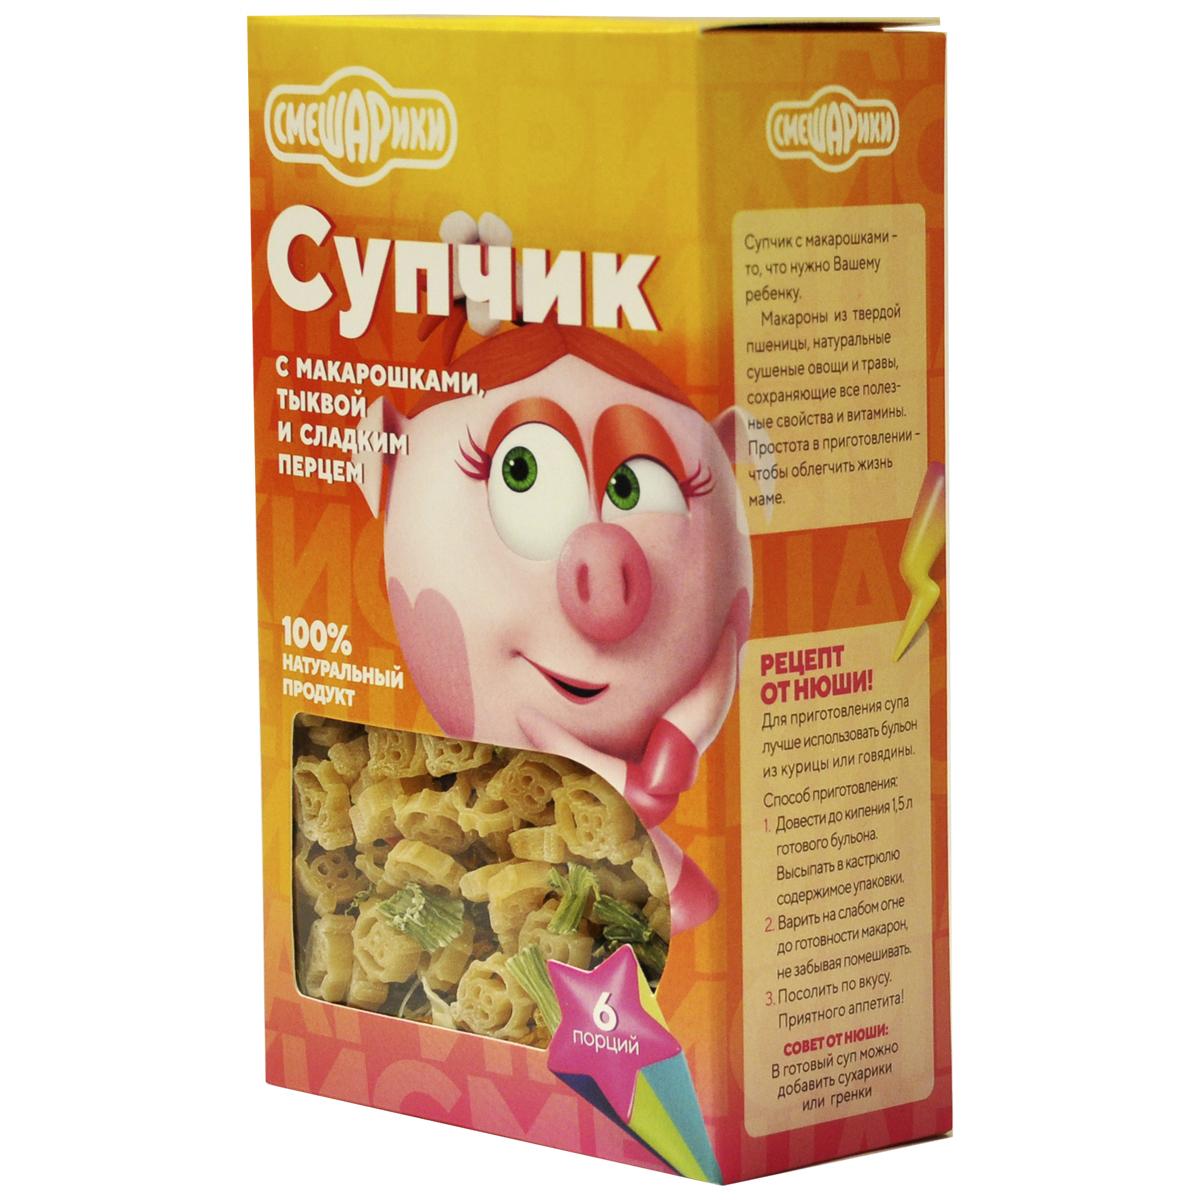 Супчик с макарошками тыквой и сладким перцем СМЕШАРИКИ 260 гр